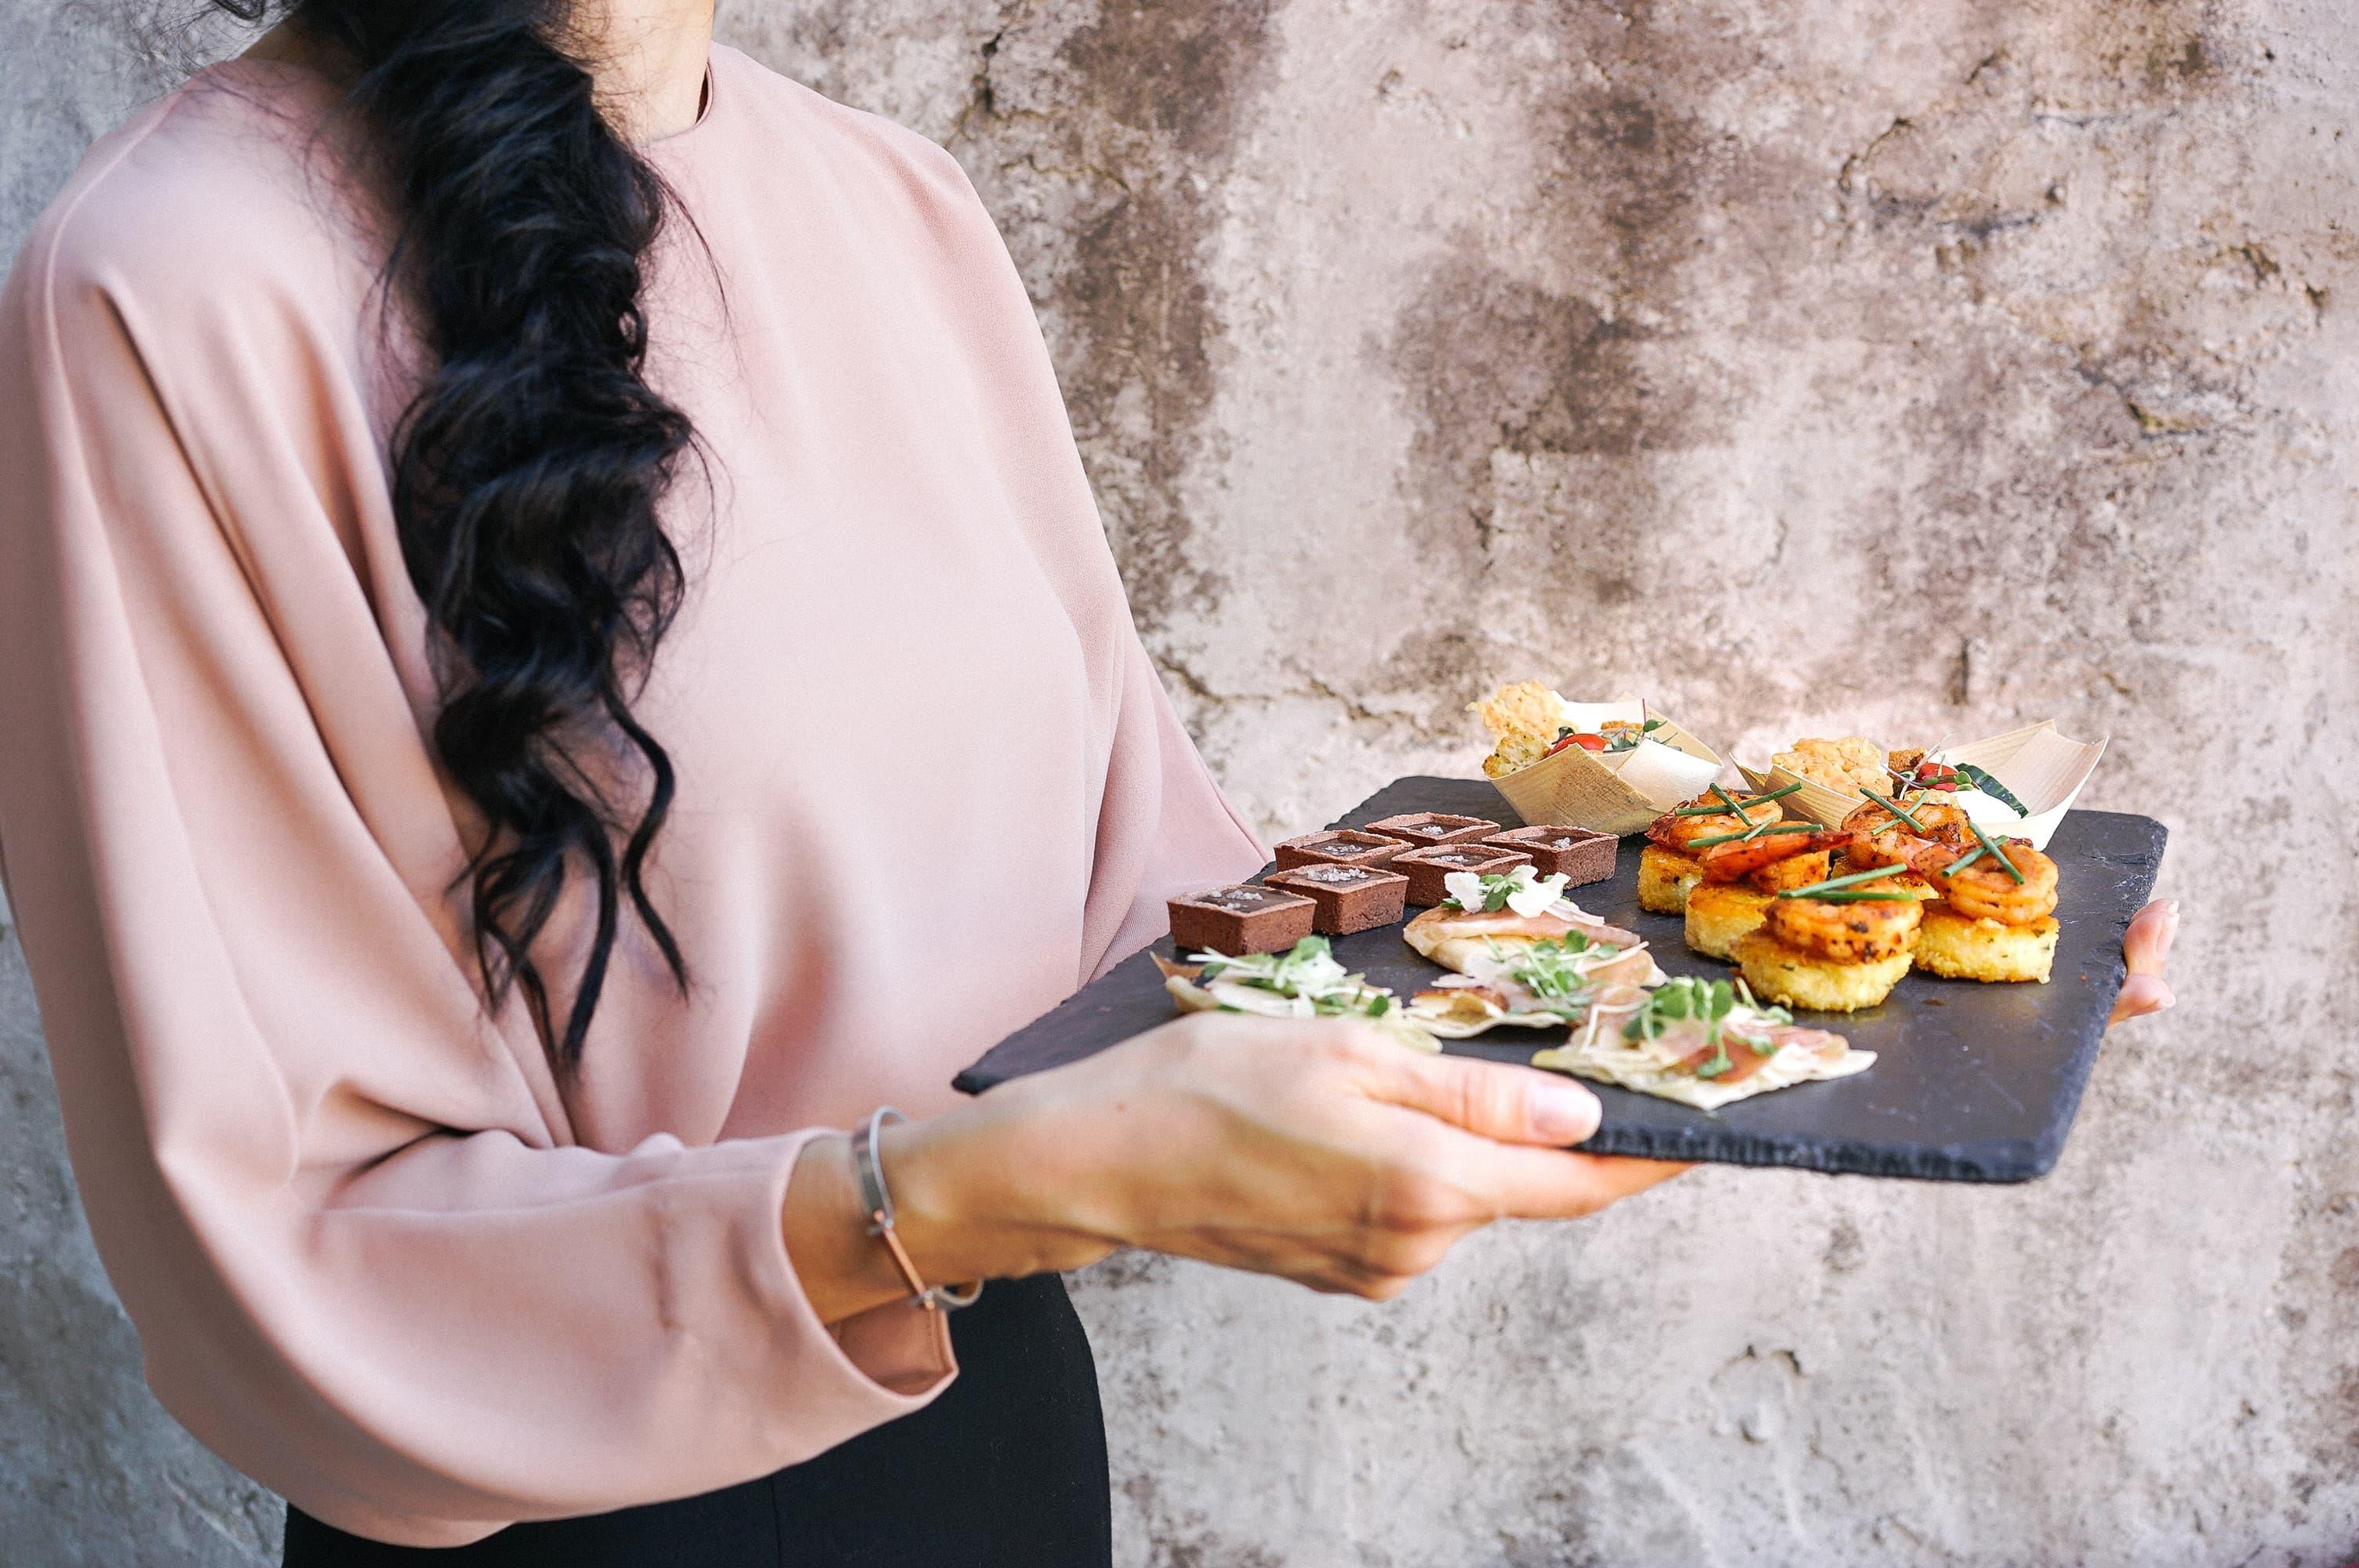 食事をサーブする女性の画像